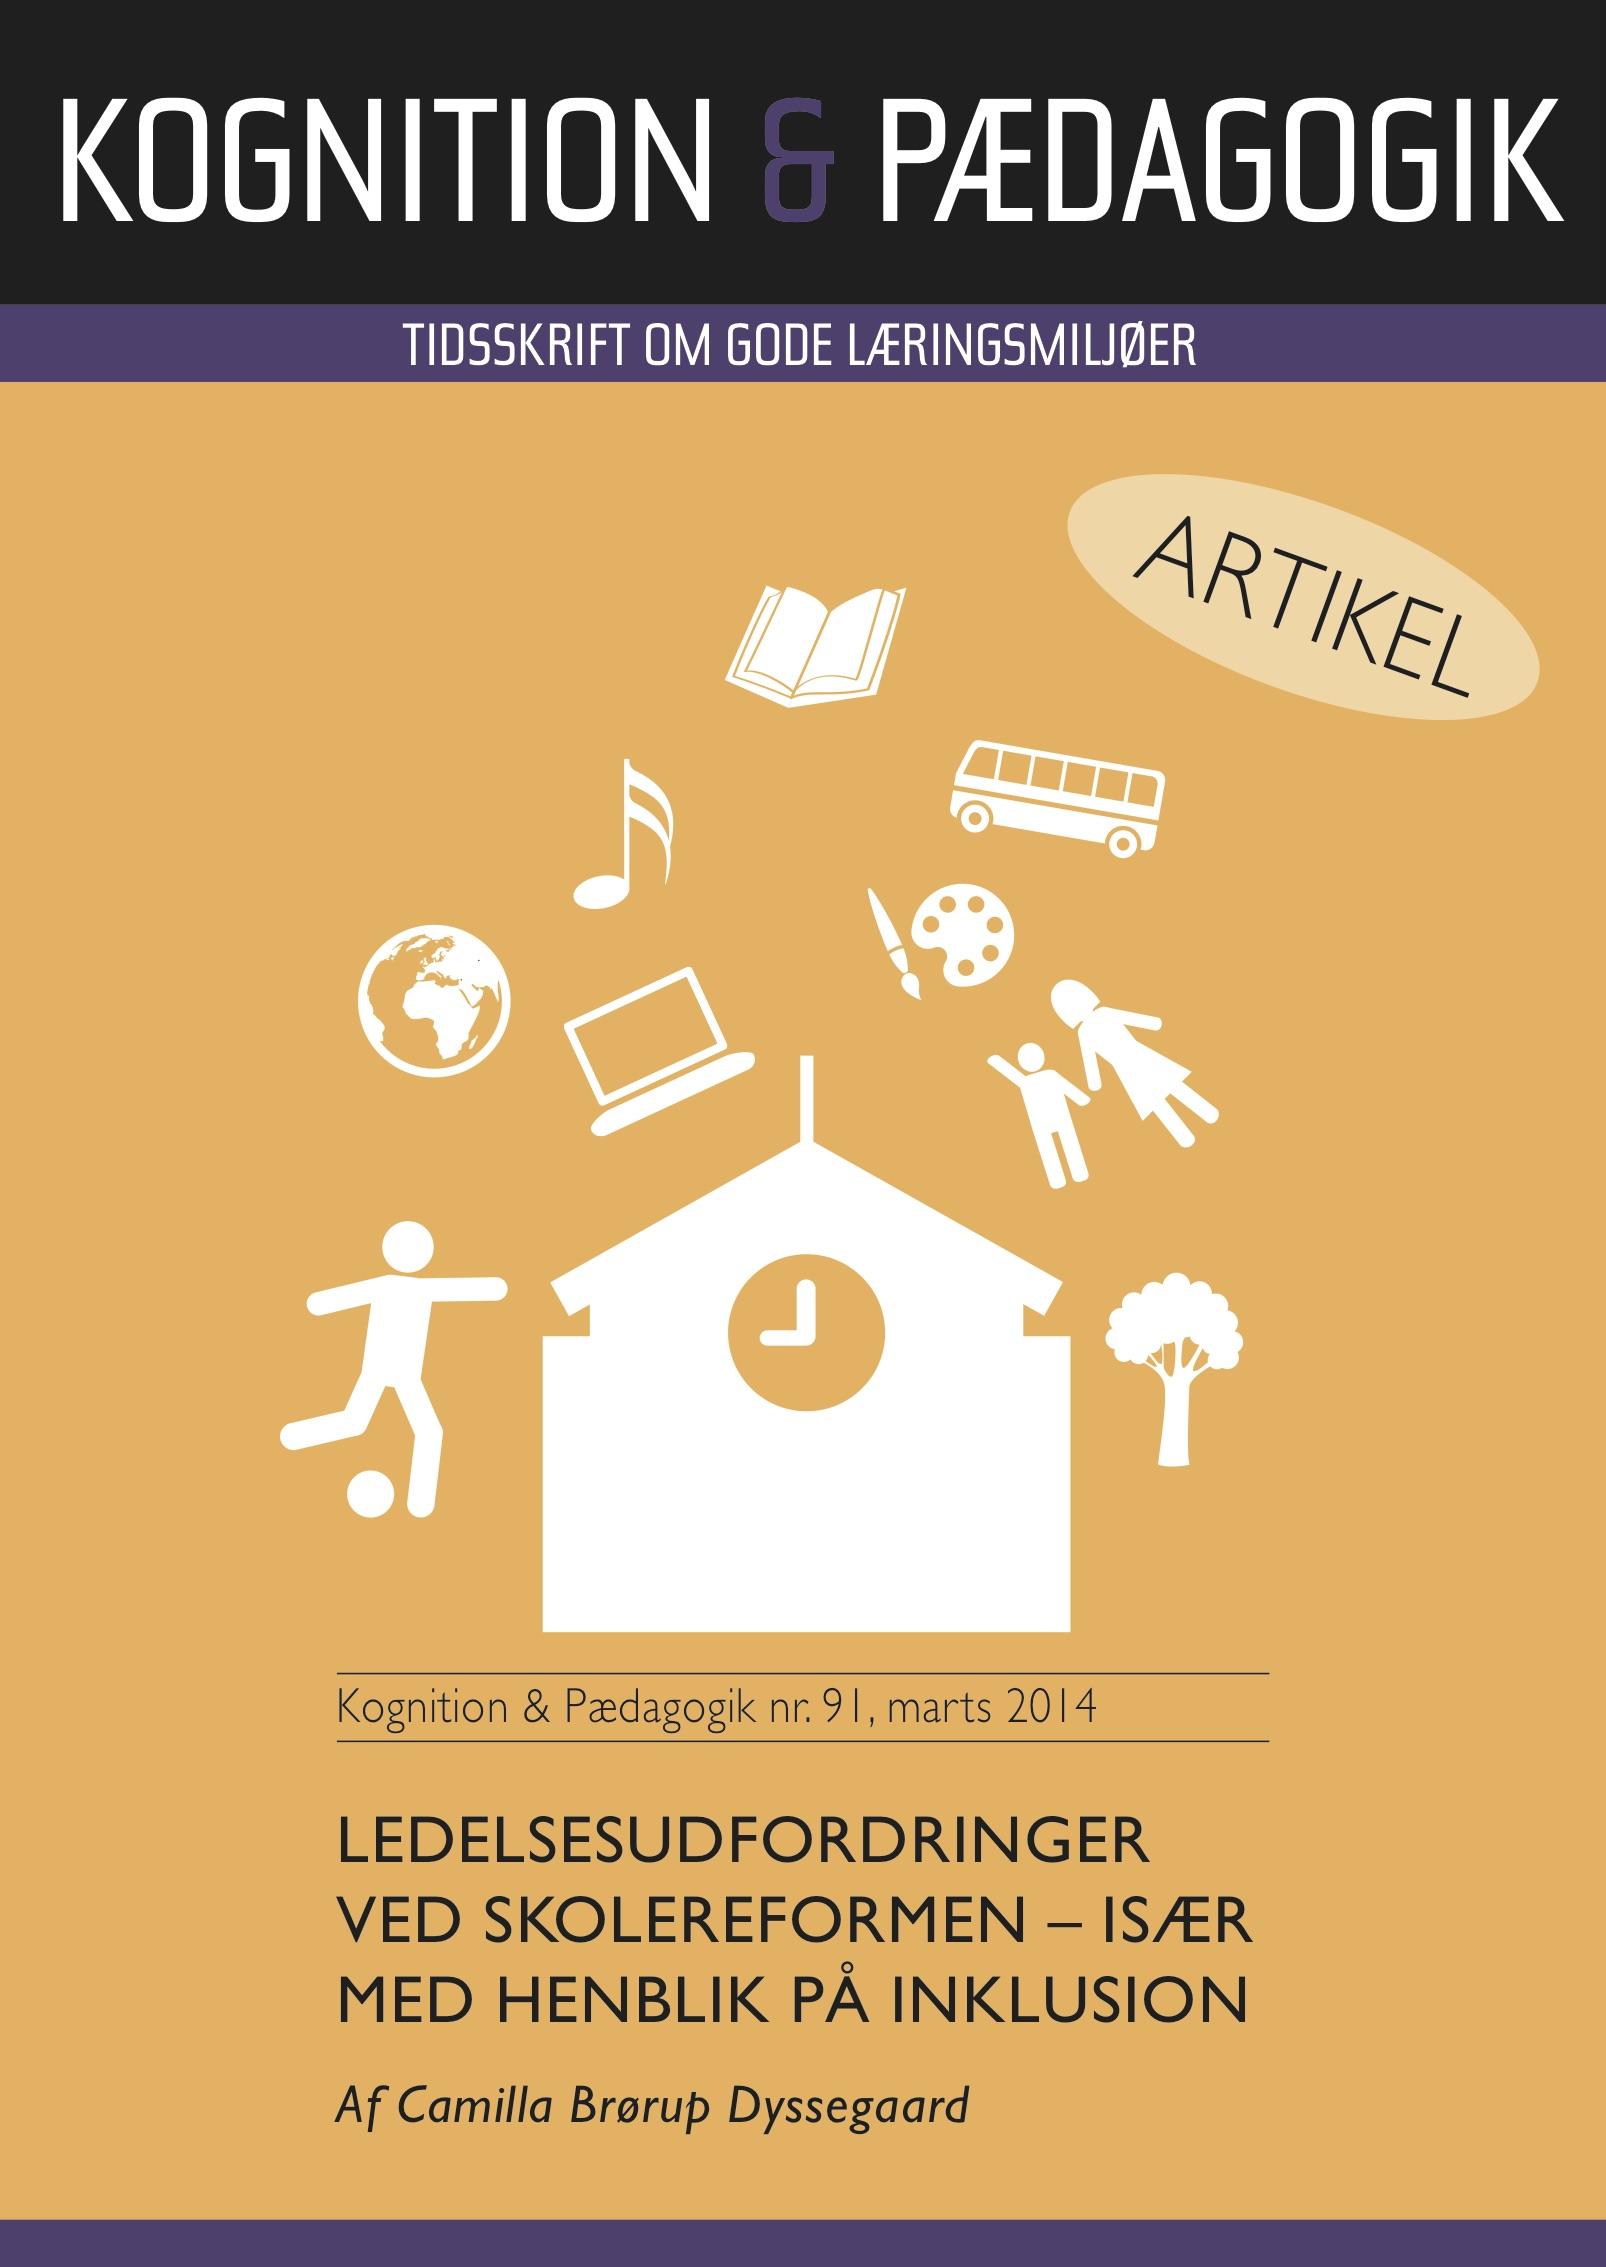 Ledelsesudfordringer ved skolereformen - især med henblik på inklusion - e-bog fra N/A fra bog & mystik